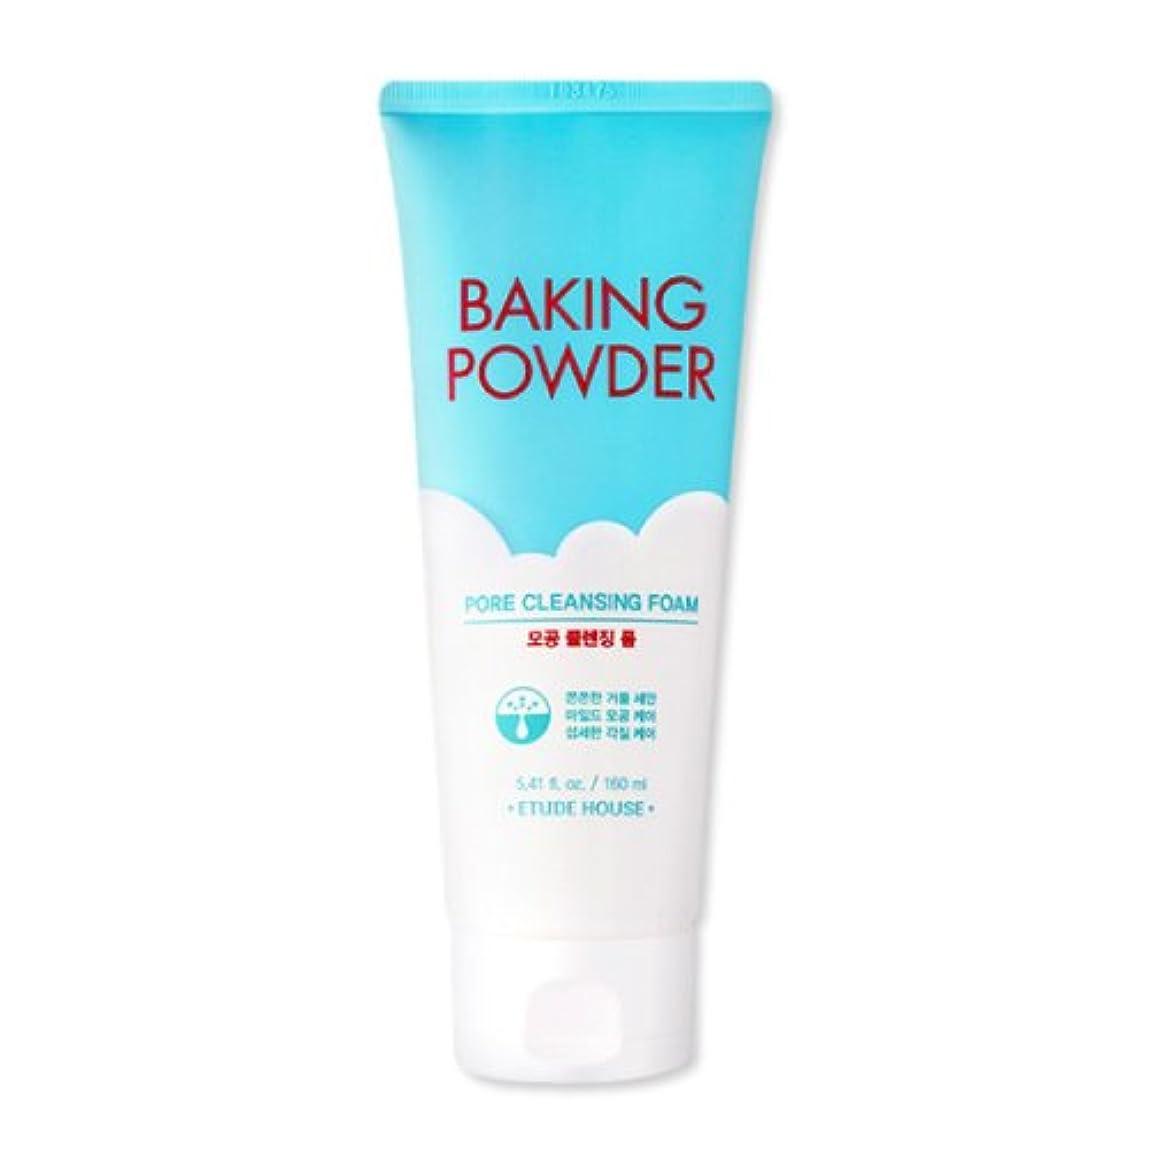 乱闘スプーン消費する[エチュードハウス] Etude House ベーキングパウダー毛穴クレンジングフォーム160ml Baking Powder Pore Cleansing Foam (海外直送品) [並行輸入品]